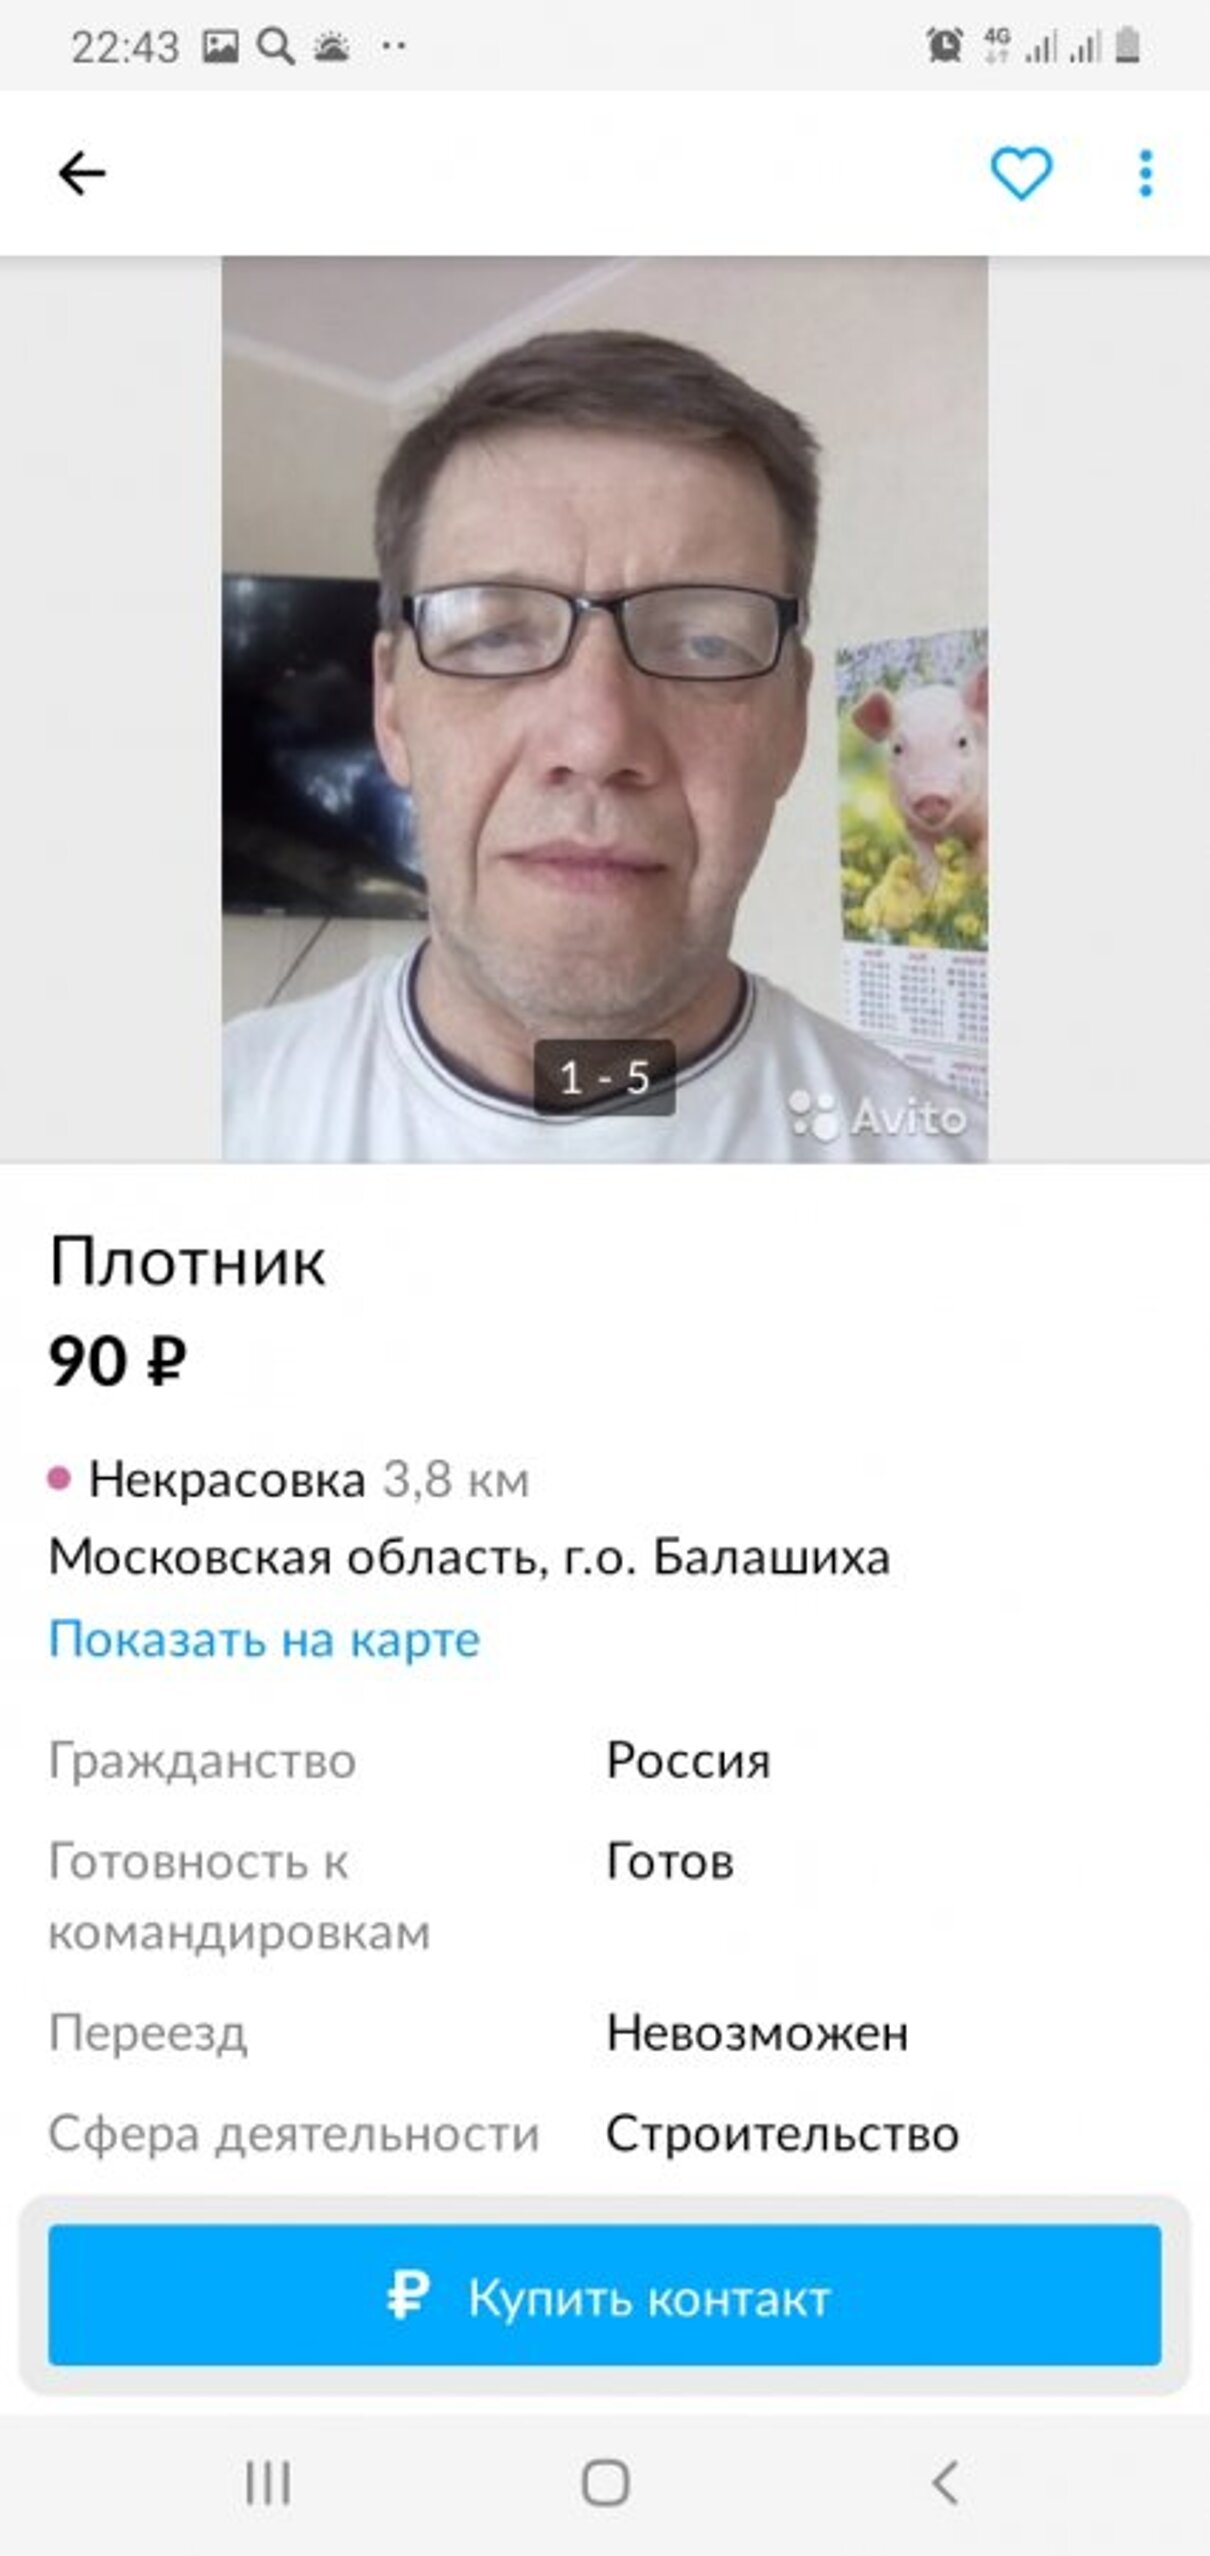 Жалоба-отзыв: Юра строитель - Мошенник строитель.  Фото №2